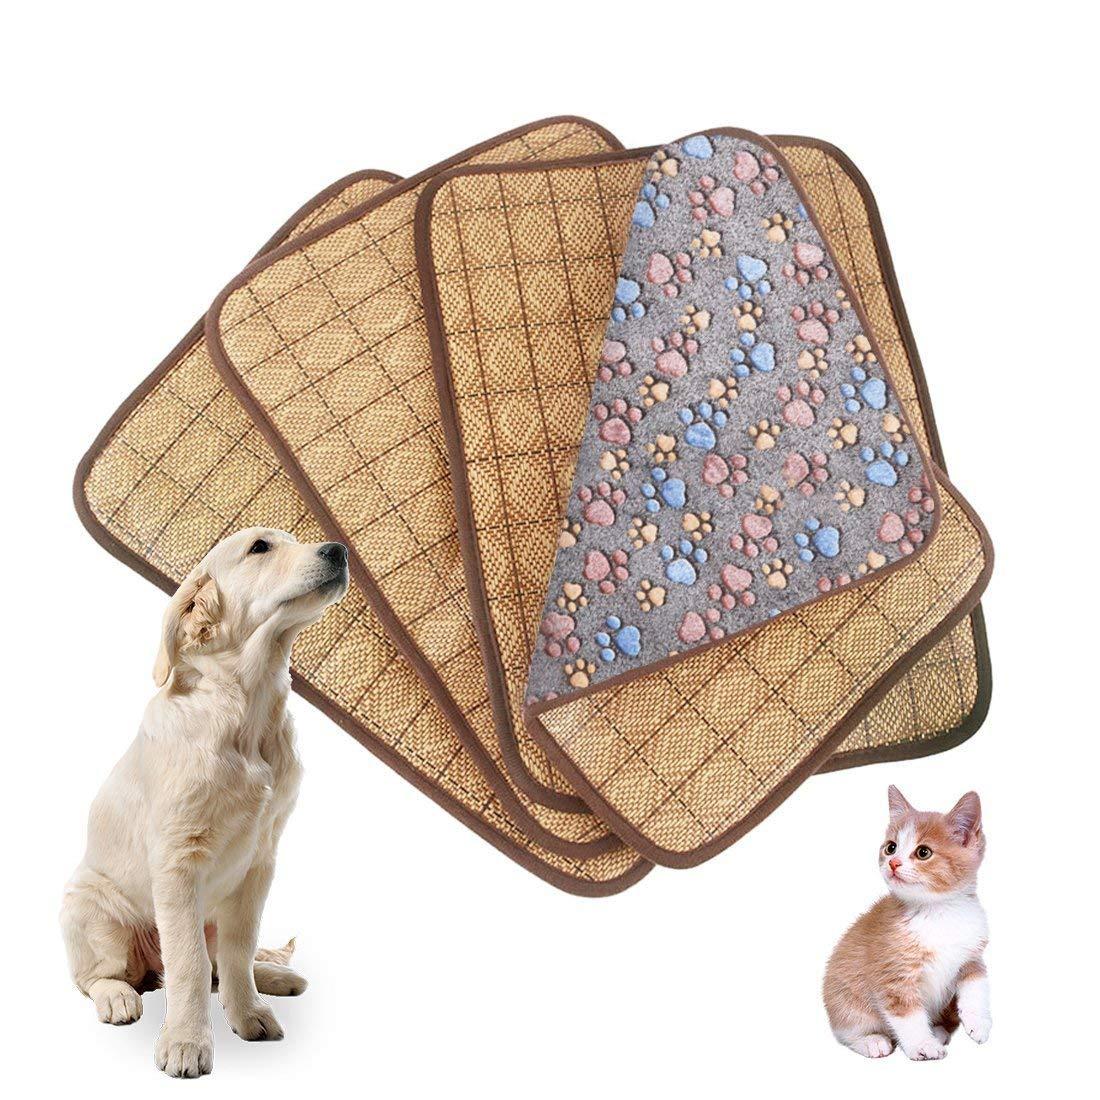 FERZA home Tappetino per per per stuoia di bambù Tappetino per stuoia di ghiaccio Tappetino per la dissipazione di calore per l'estate e l'inverno Coperta per animali domestici Coperta per cani Cucciolo di ca eb5a62